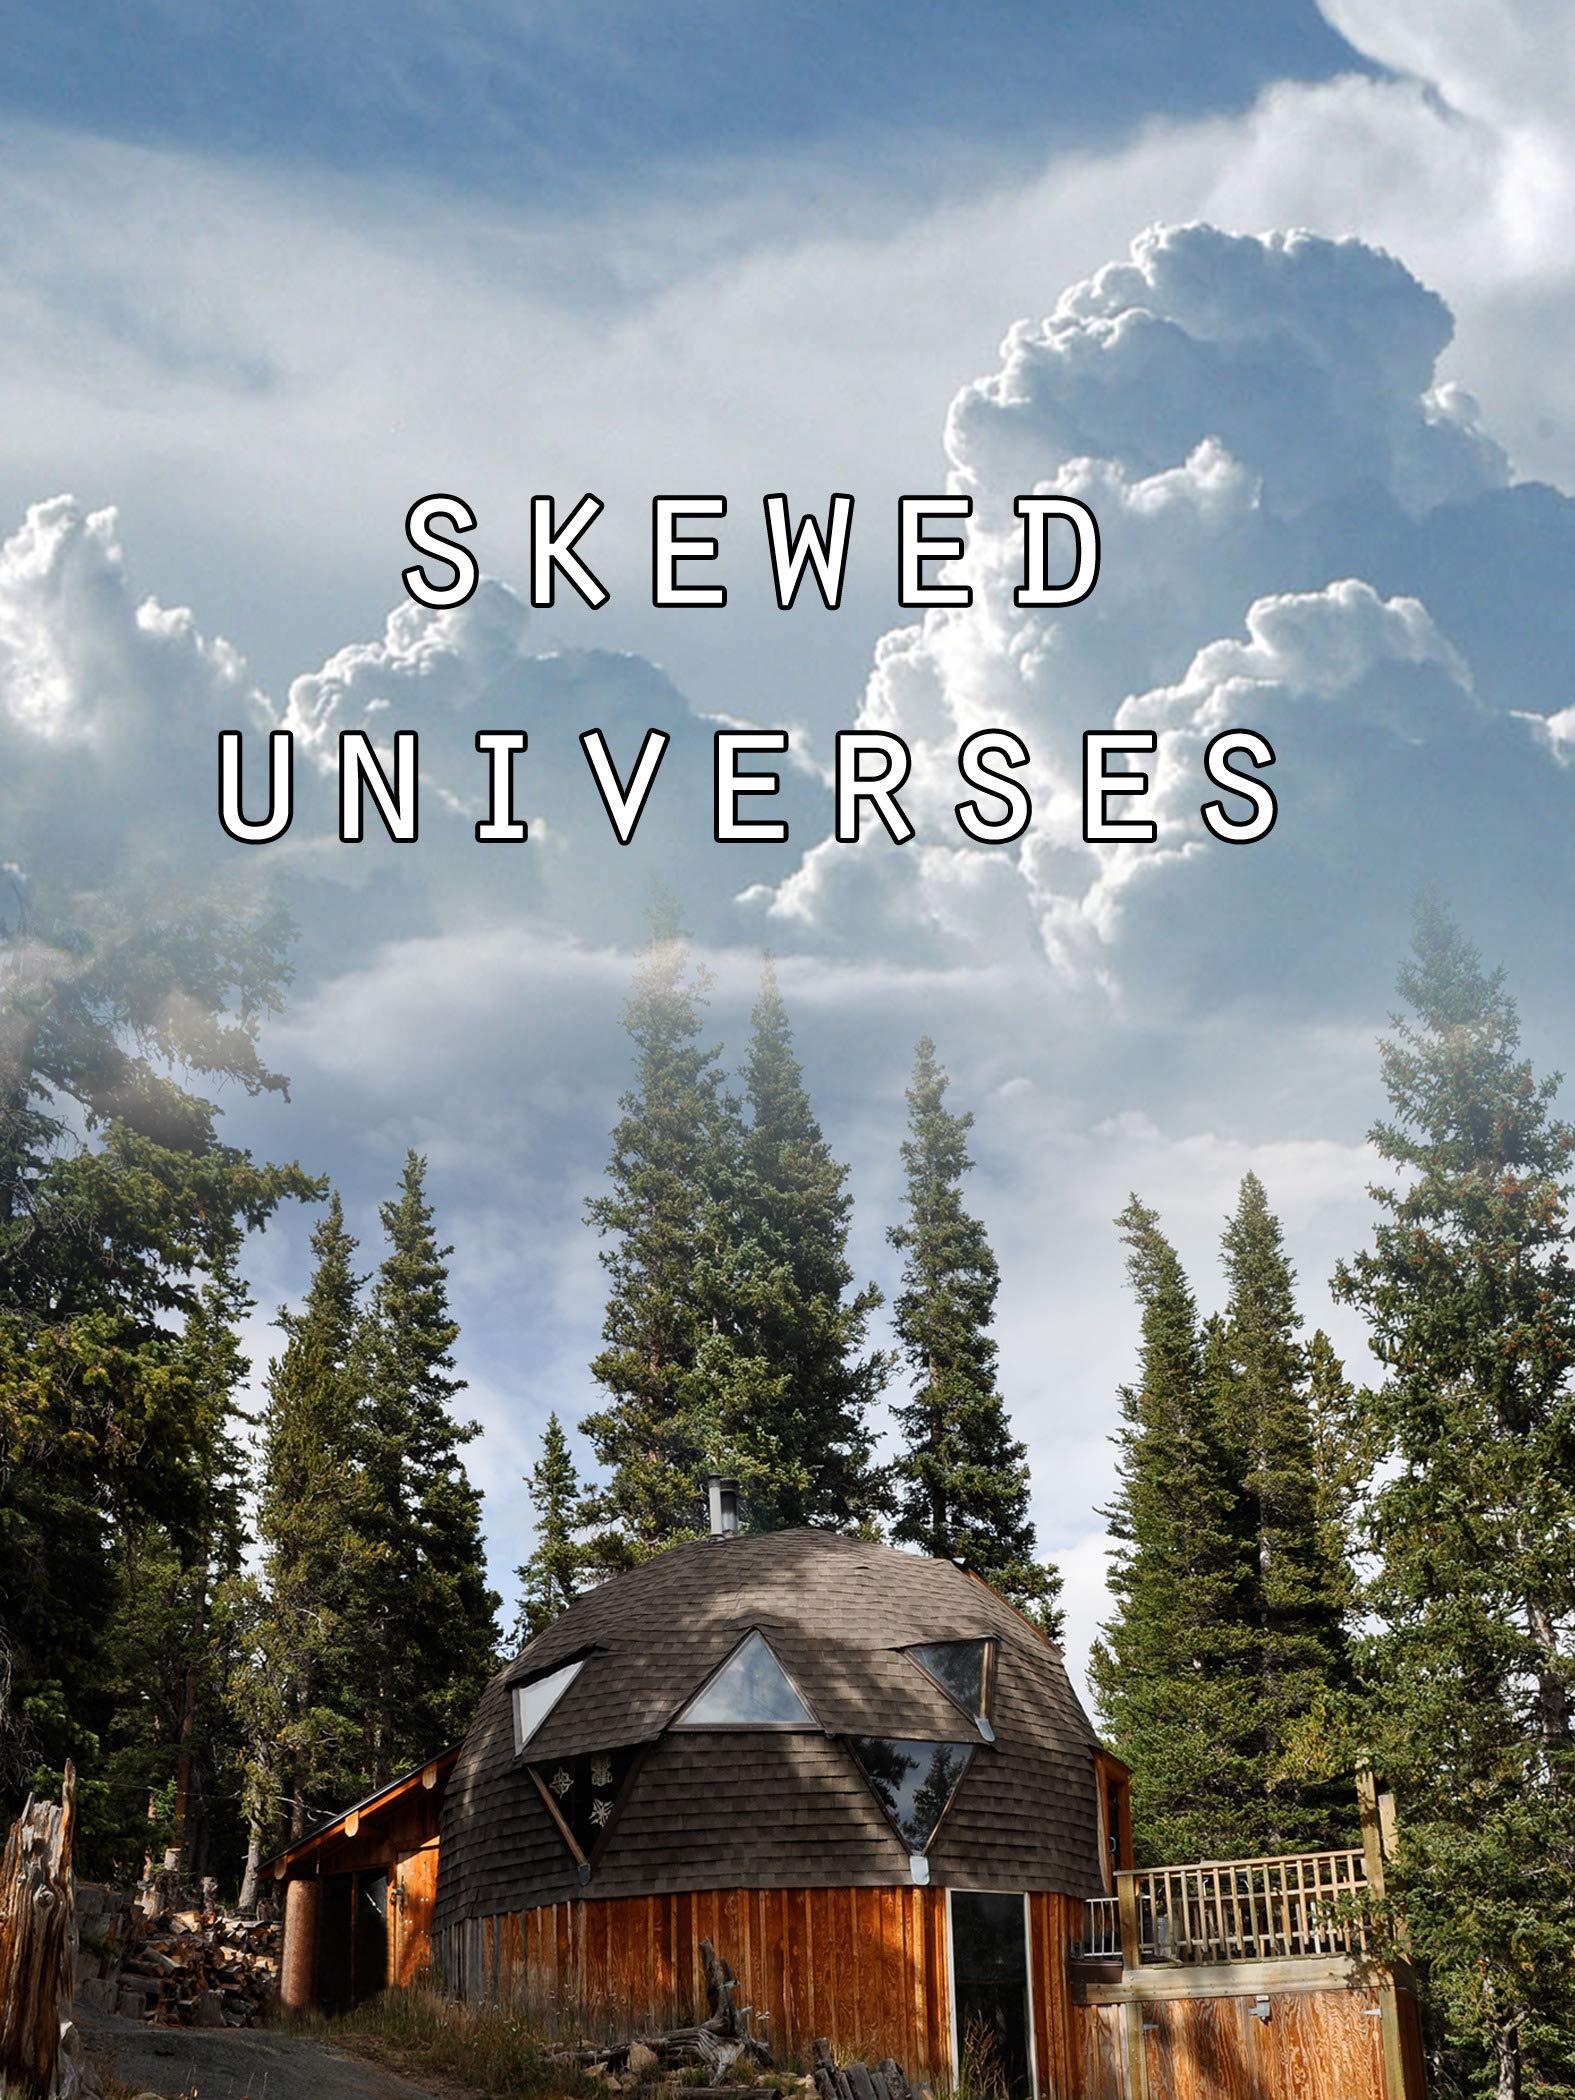 Skewed Universes